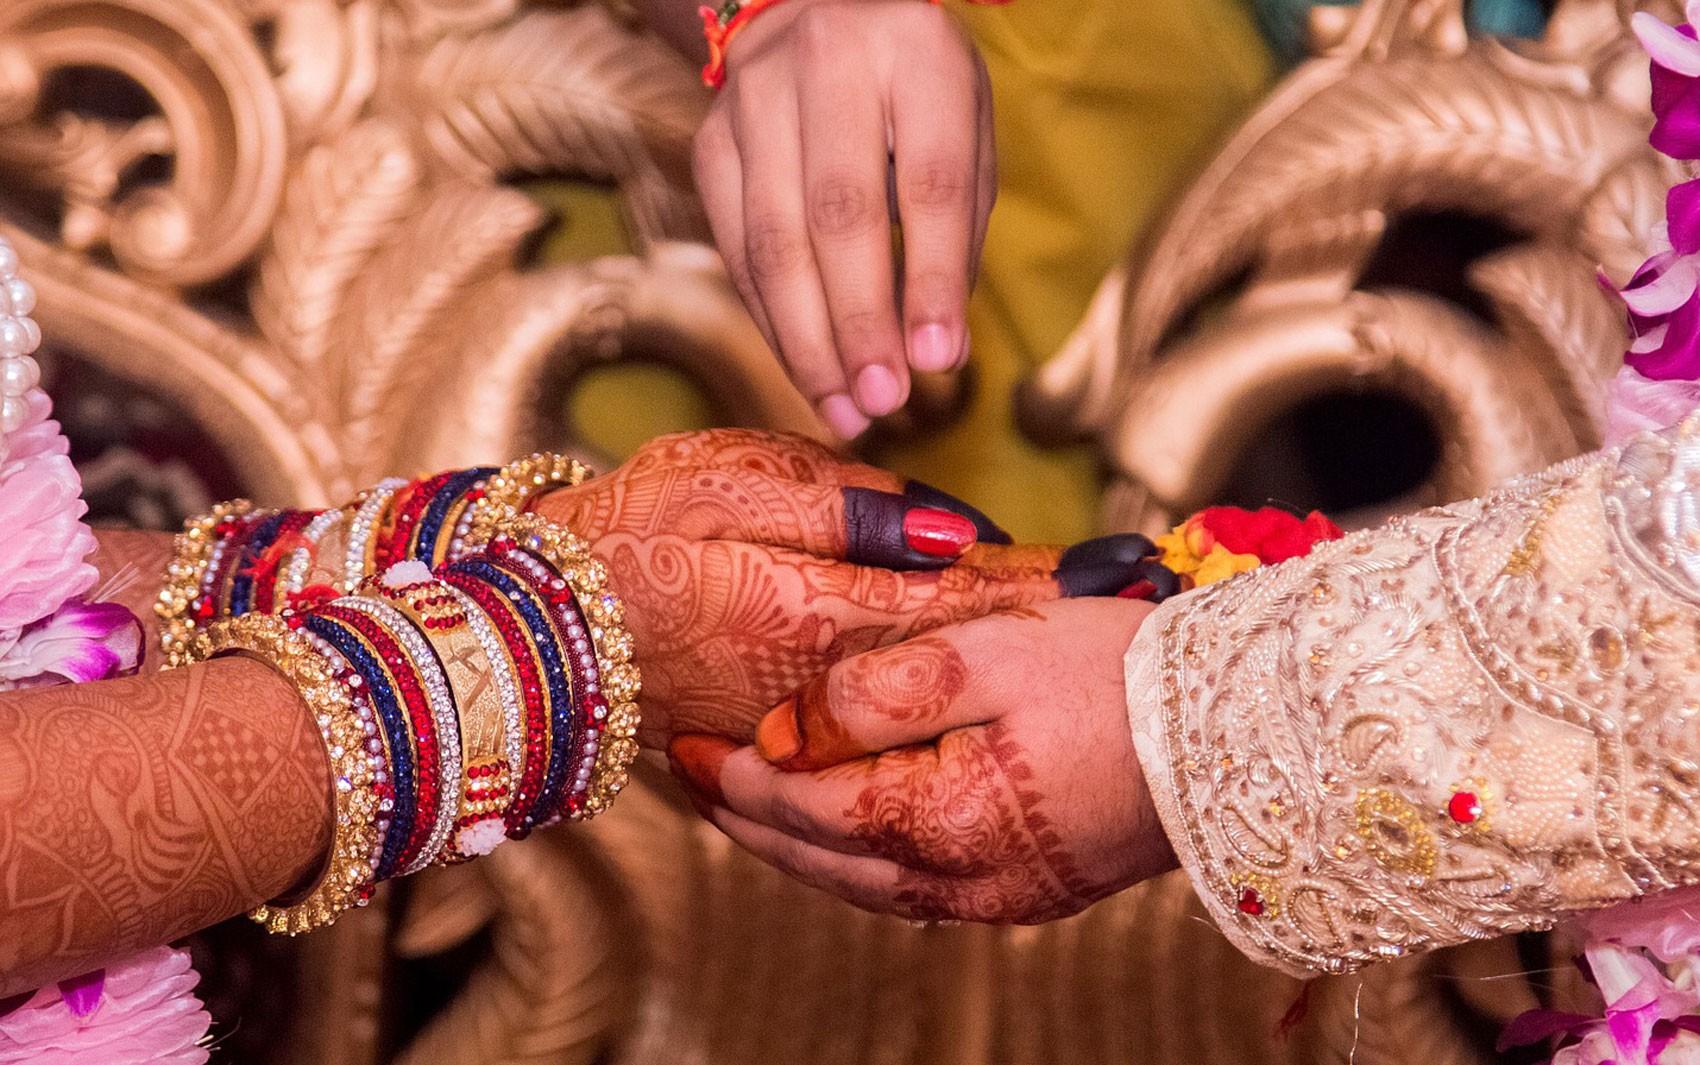 Por que alguns casos de sexo consentido entre adultos estão sendo considerados estupro na Índia